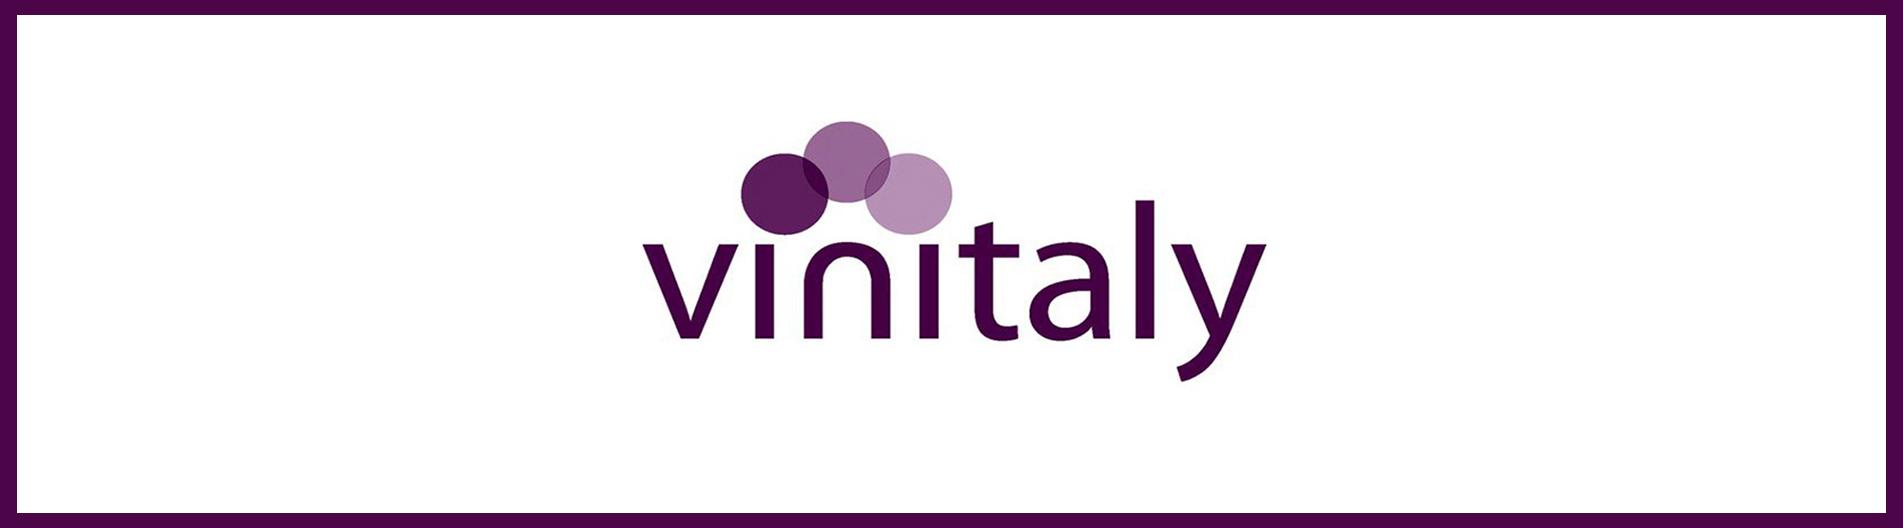 Vinitaly e la città: ti aspettiamo.